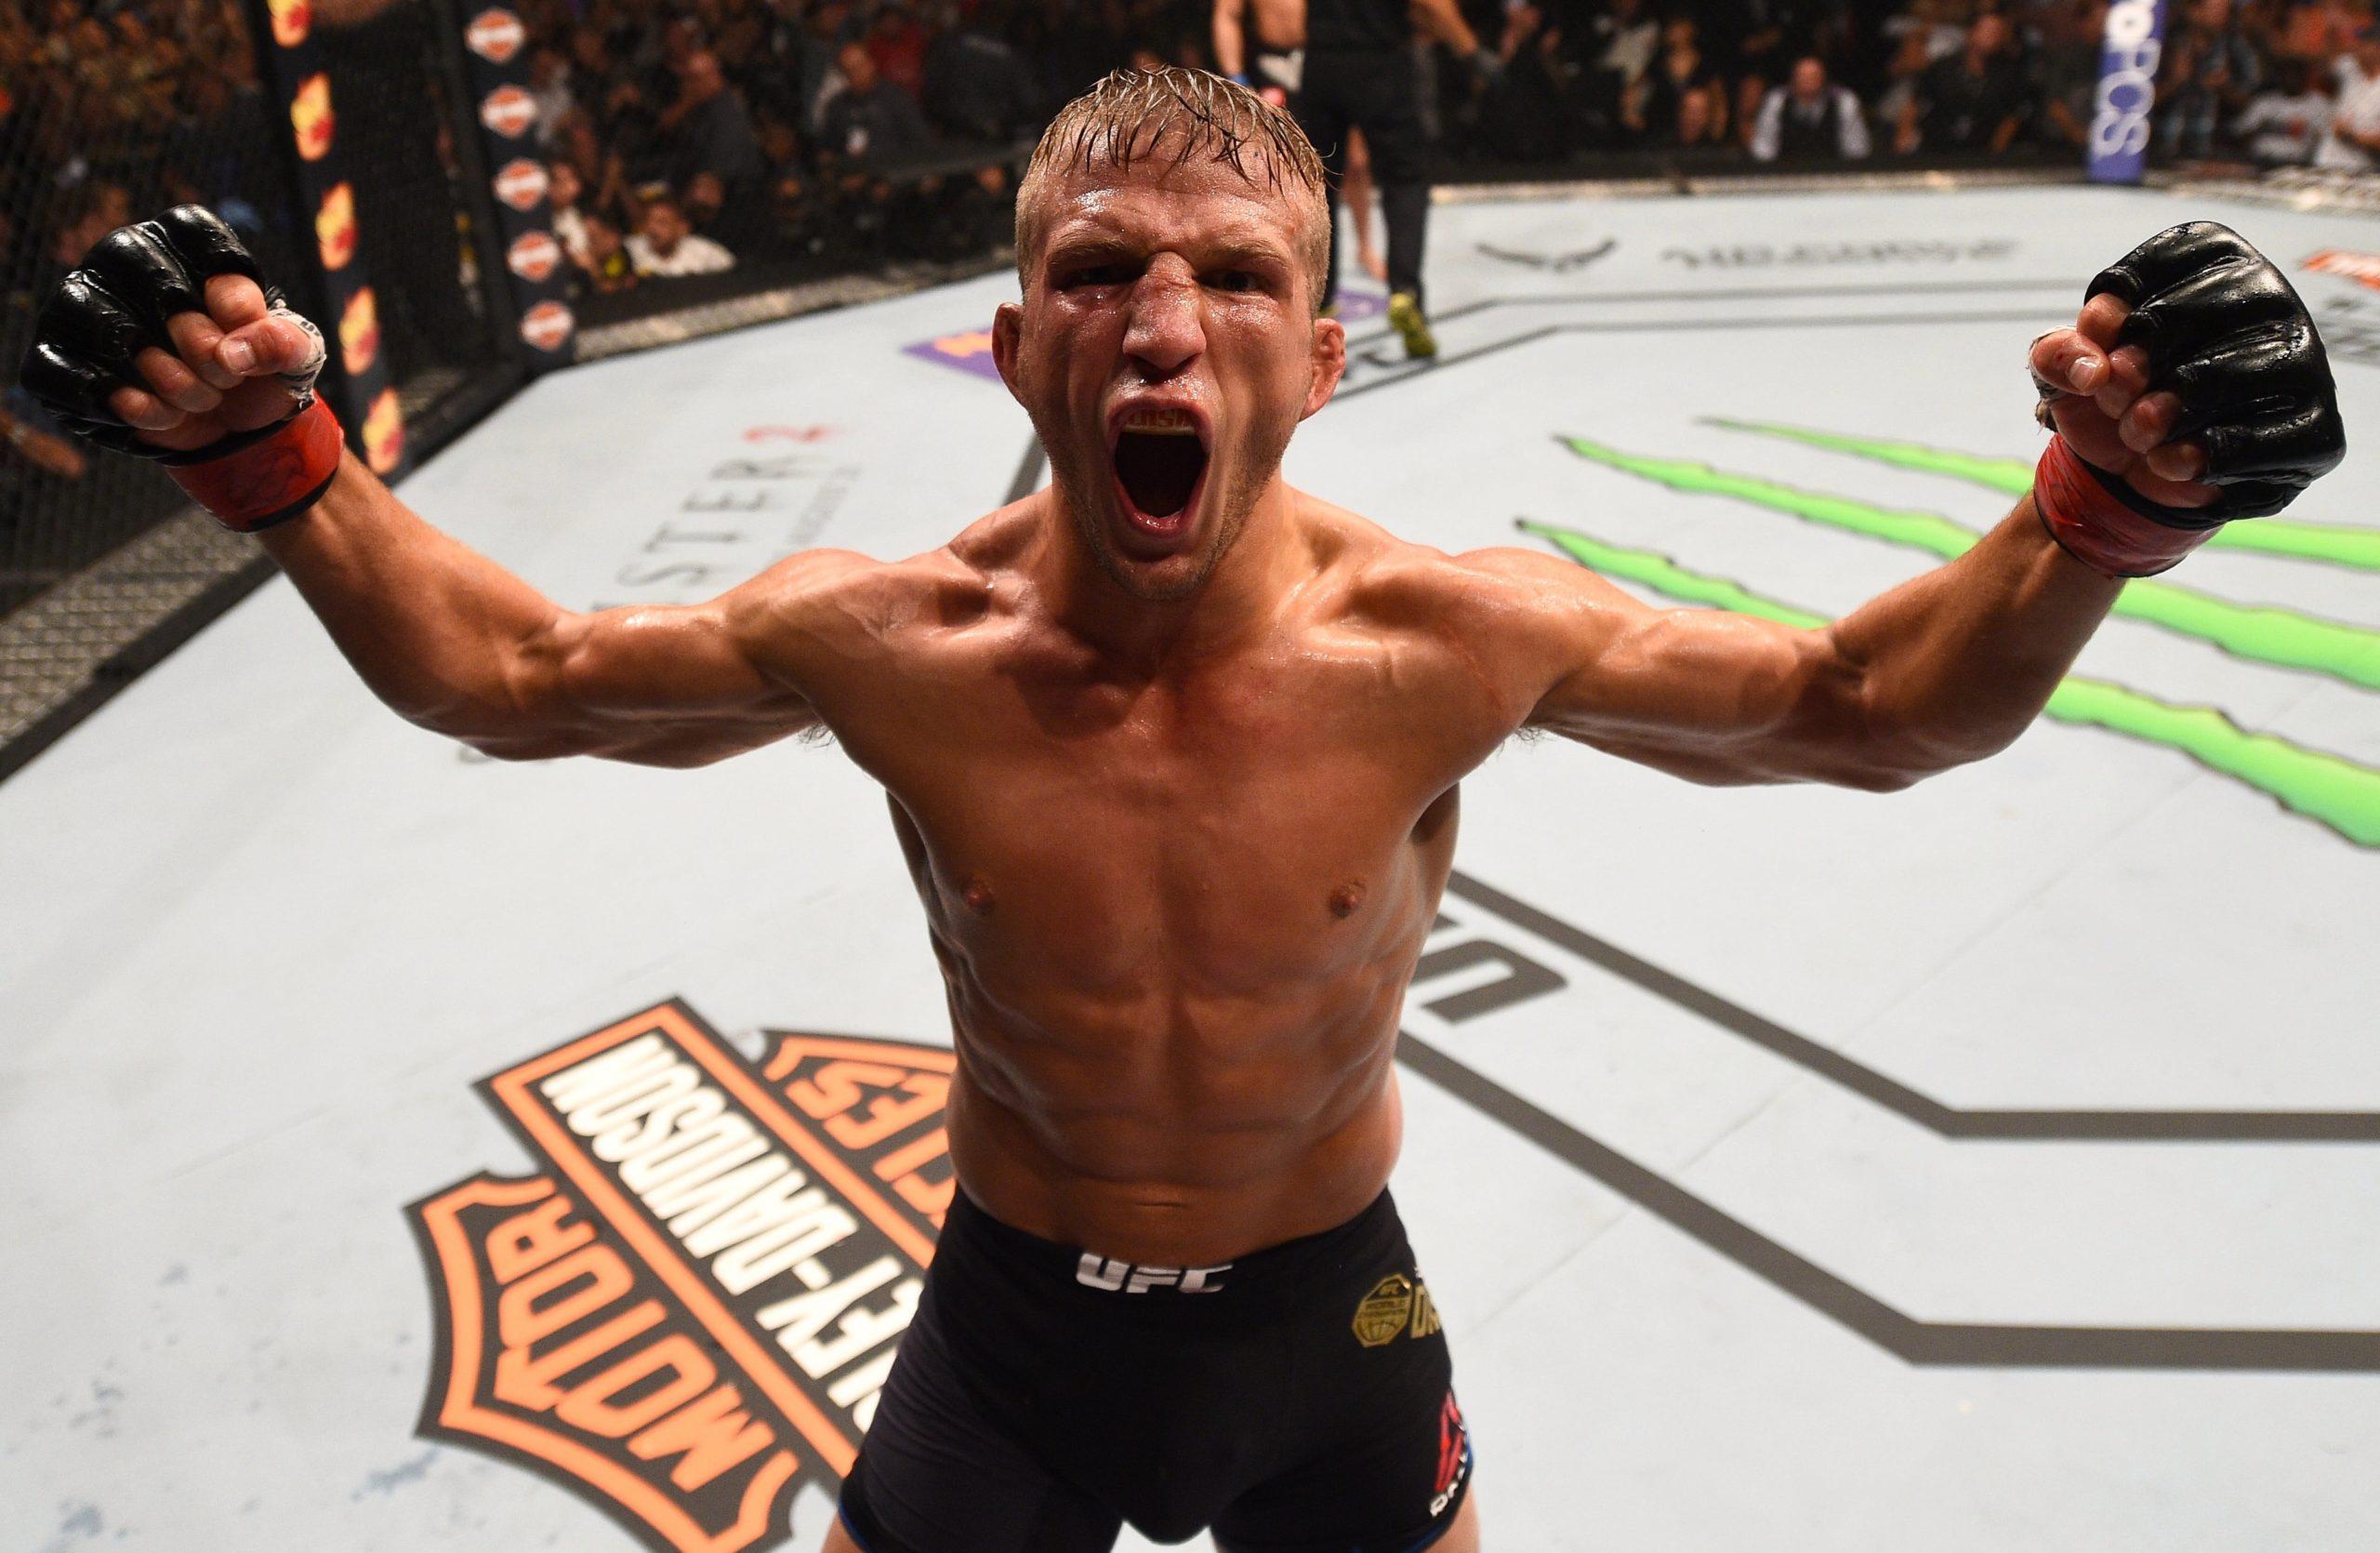 Ти Джей Диллашоу - боец UFC: статистика и видео выступлений, биография